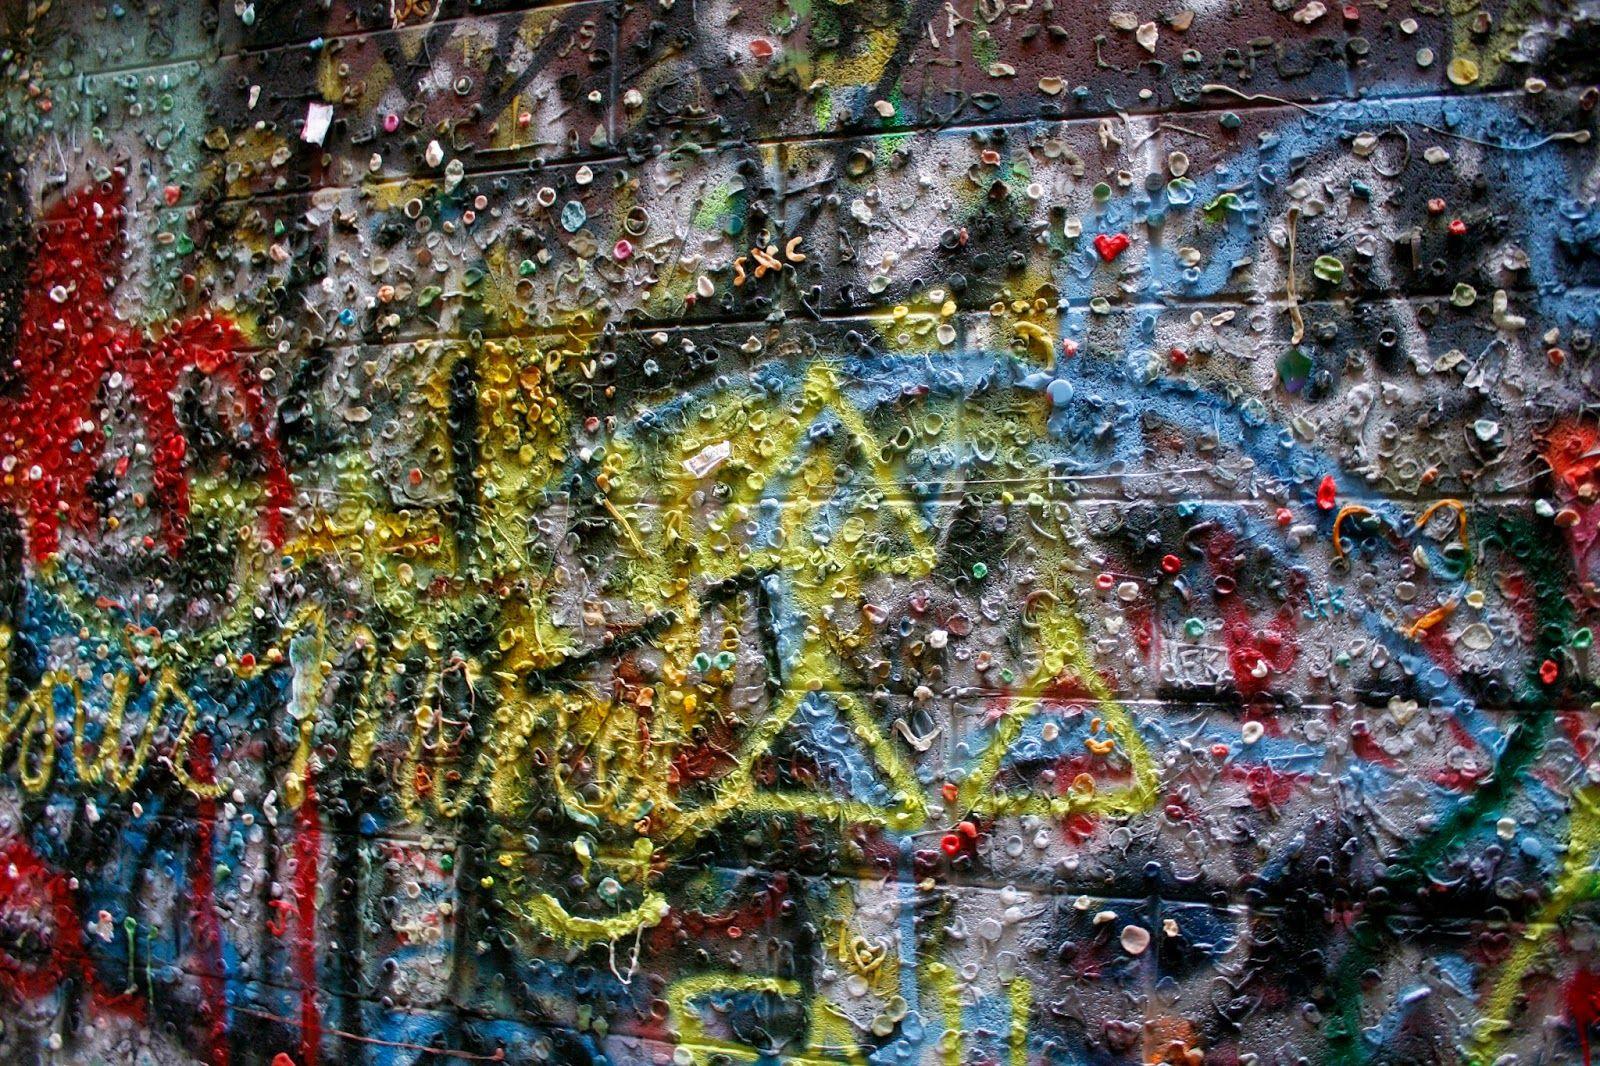 Graffiti wall ann arbor - Graffiti Gum Wall In Ann Arbor